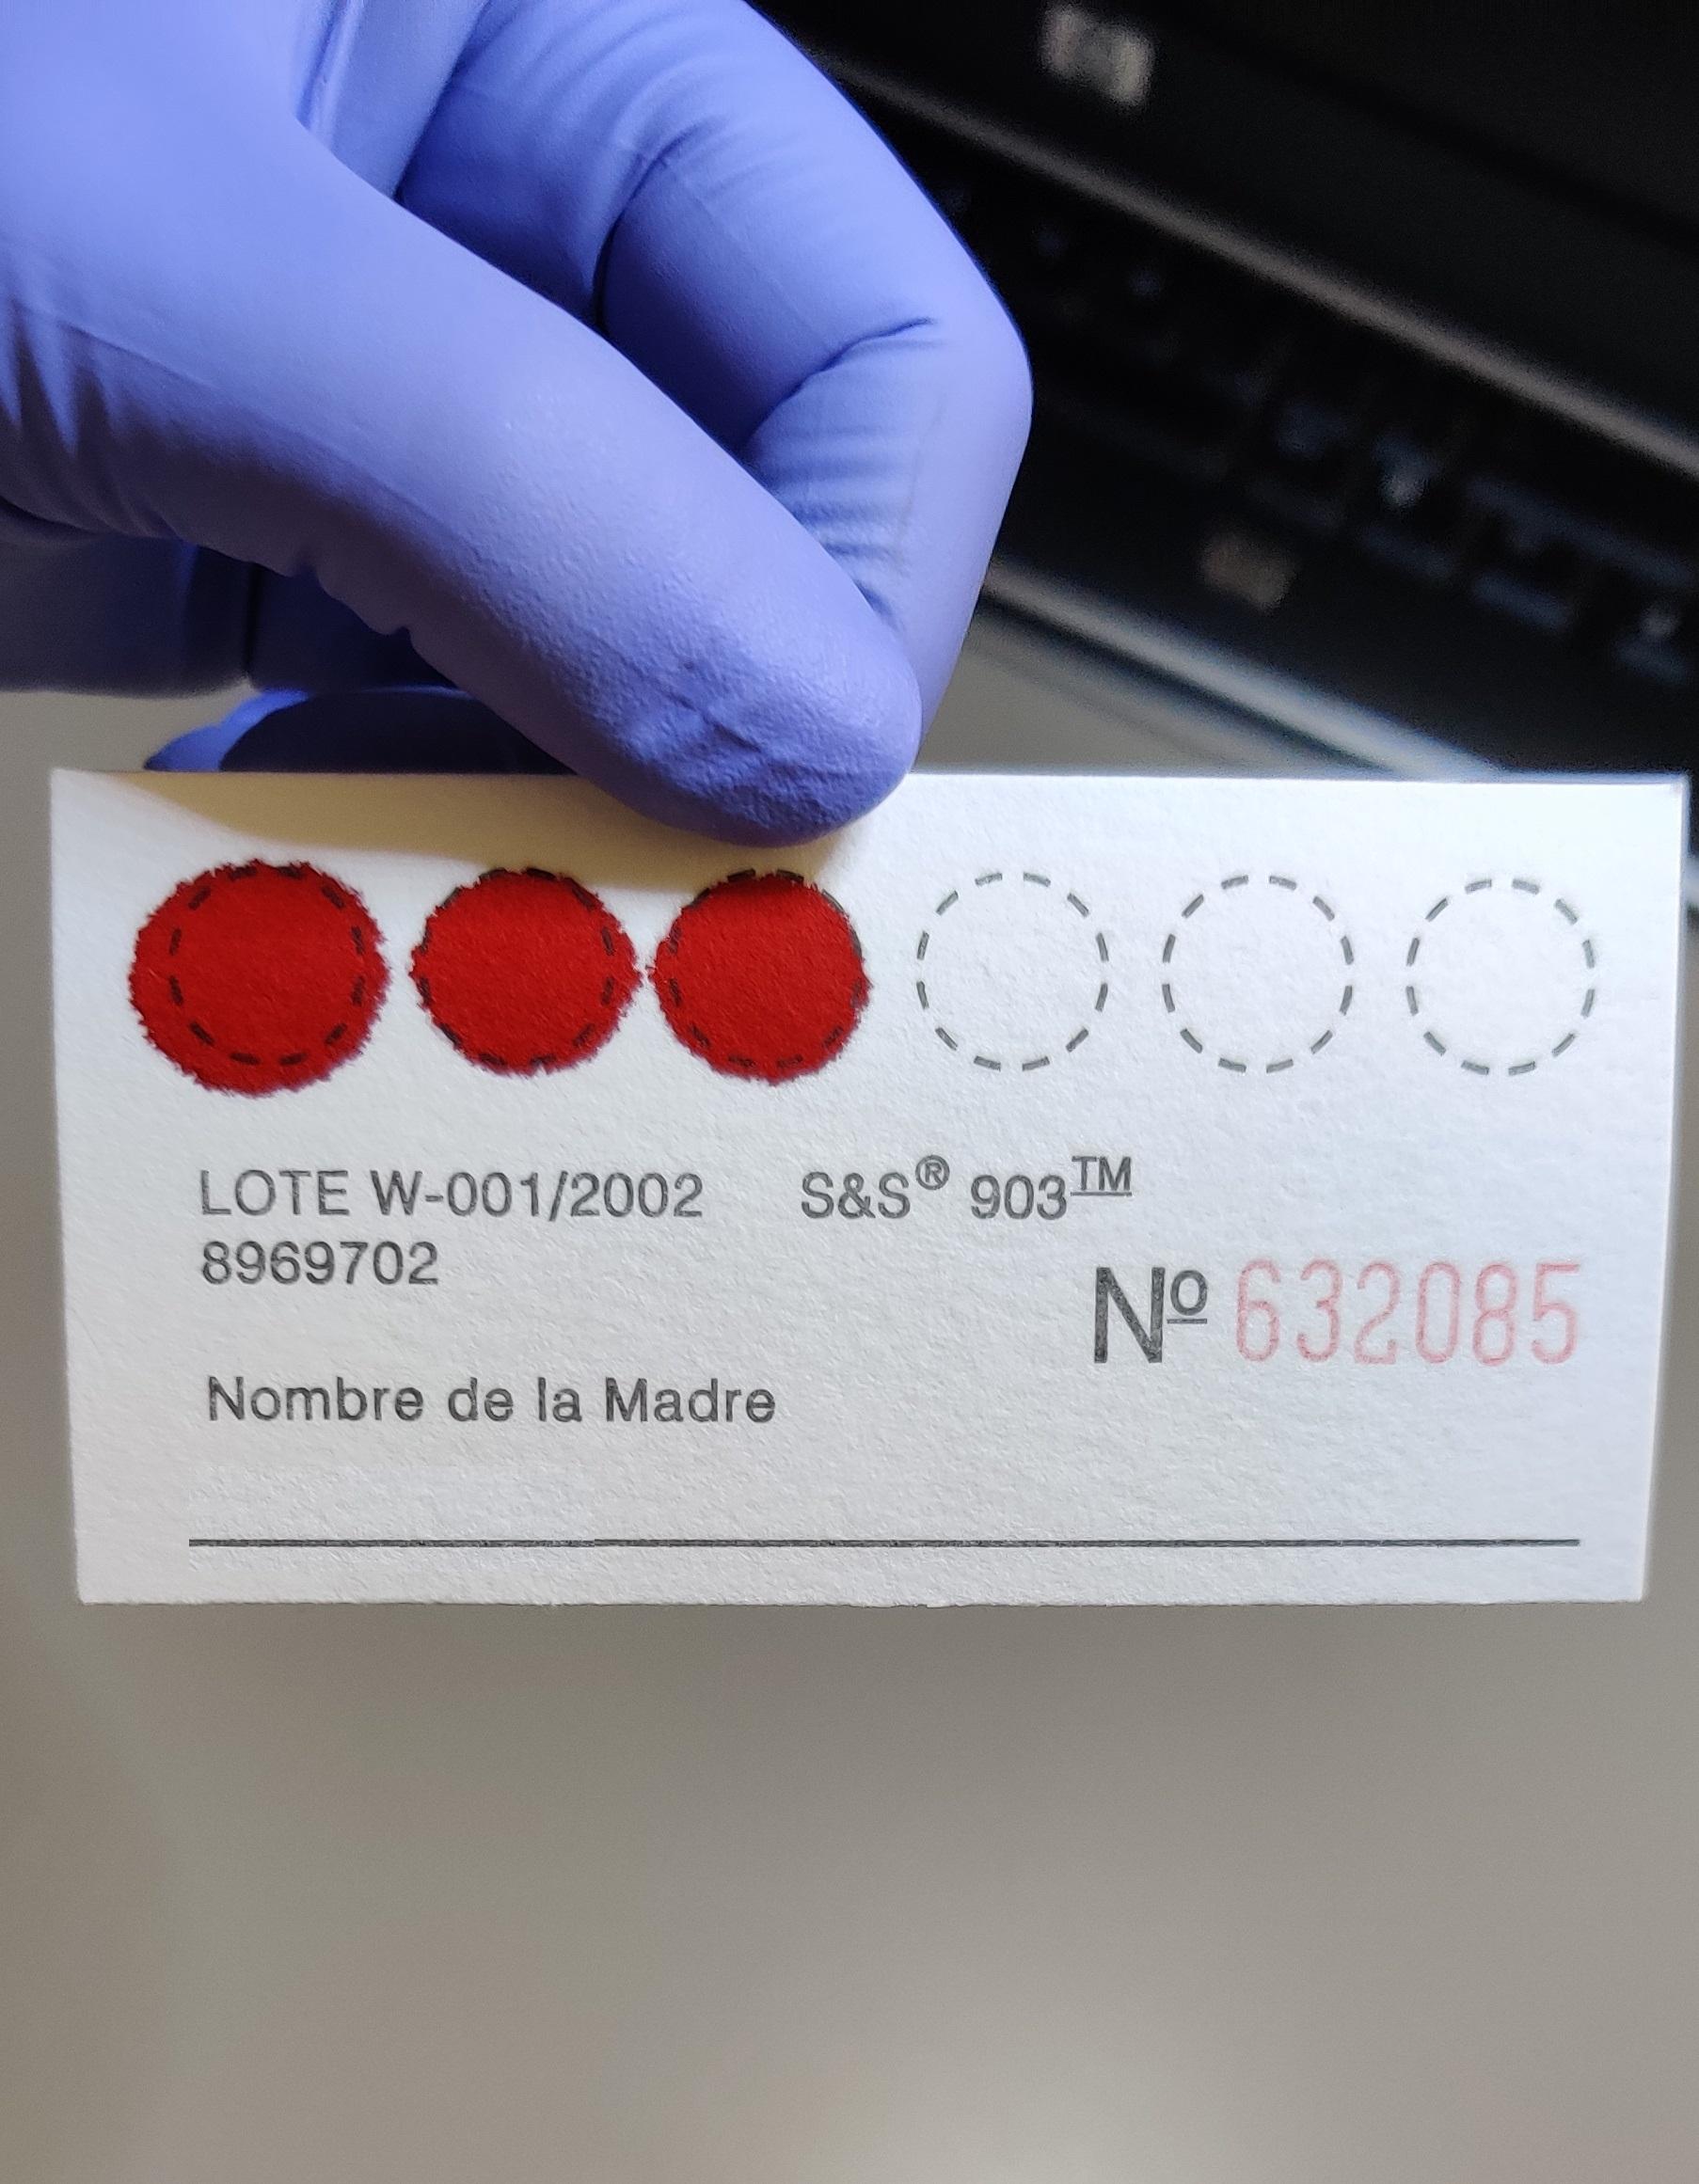 Un procedimiento alternativo implica la punción capilar de la punta del dedo para recoger gotas de sangre que posteriormente se secan en papel de filtro.